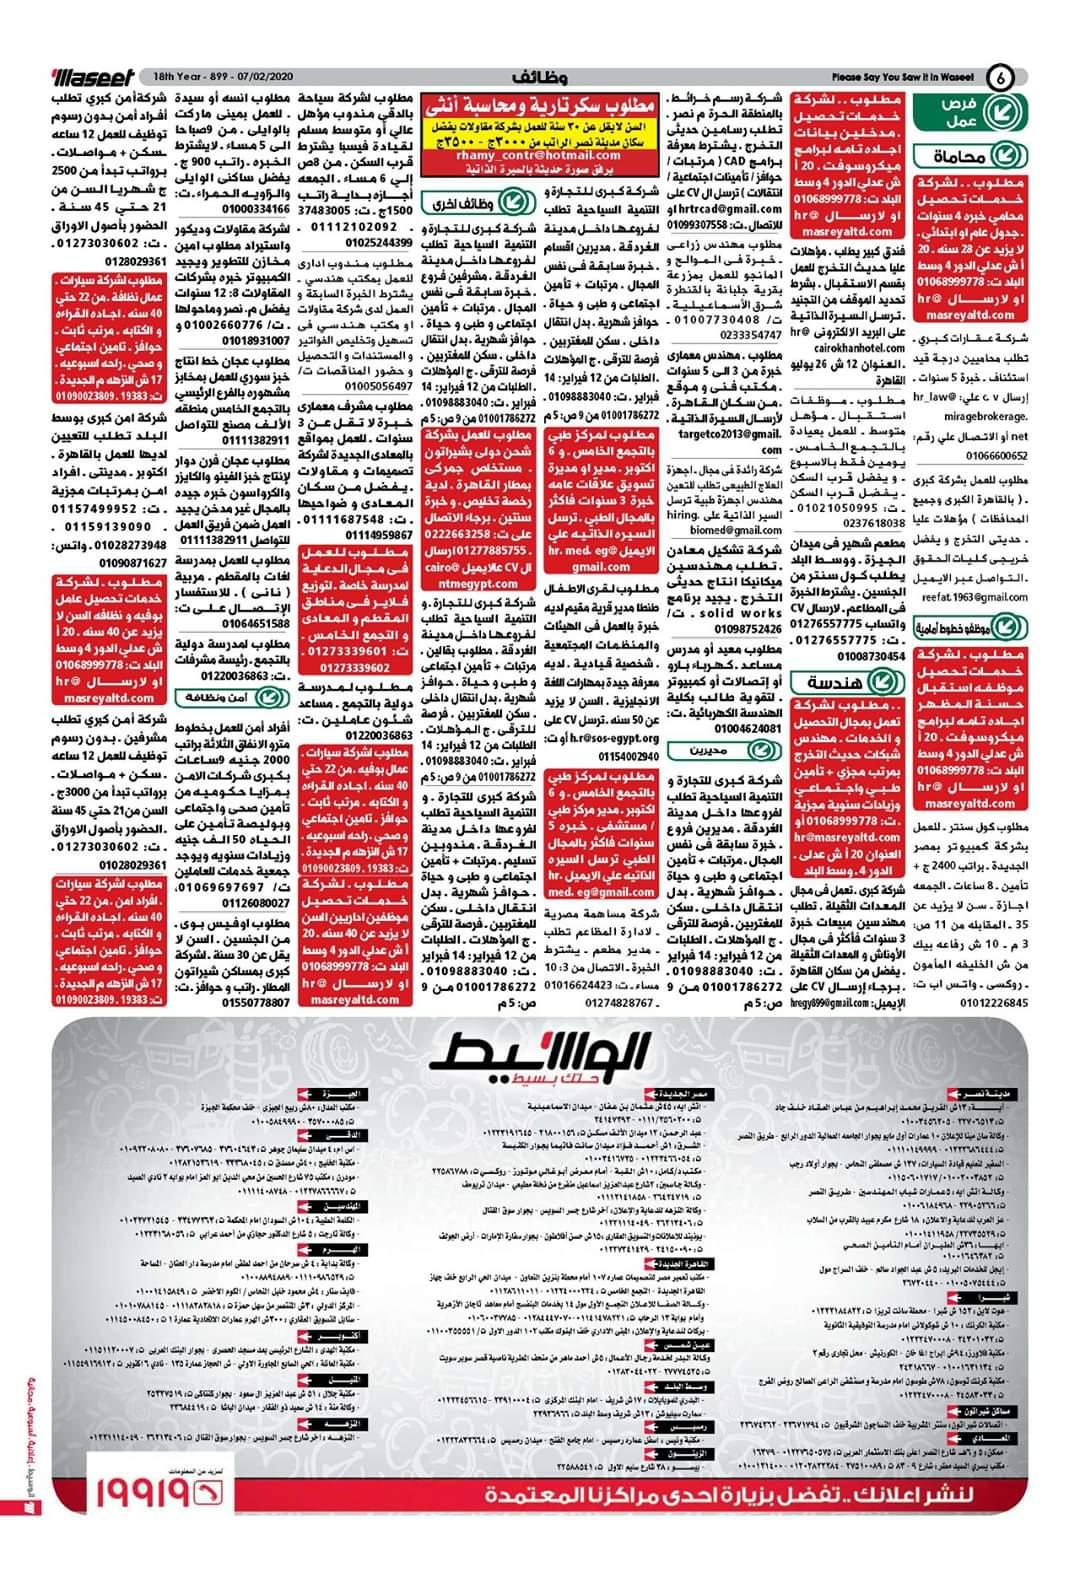 الوسيط وظائف واعلانات الوسيط الجمعة 7 فبراير 2020